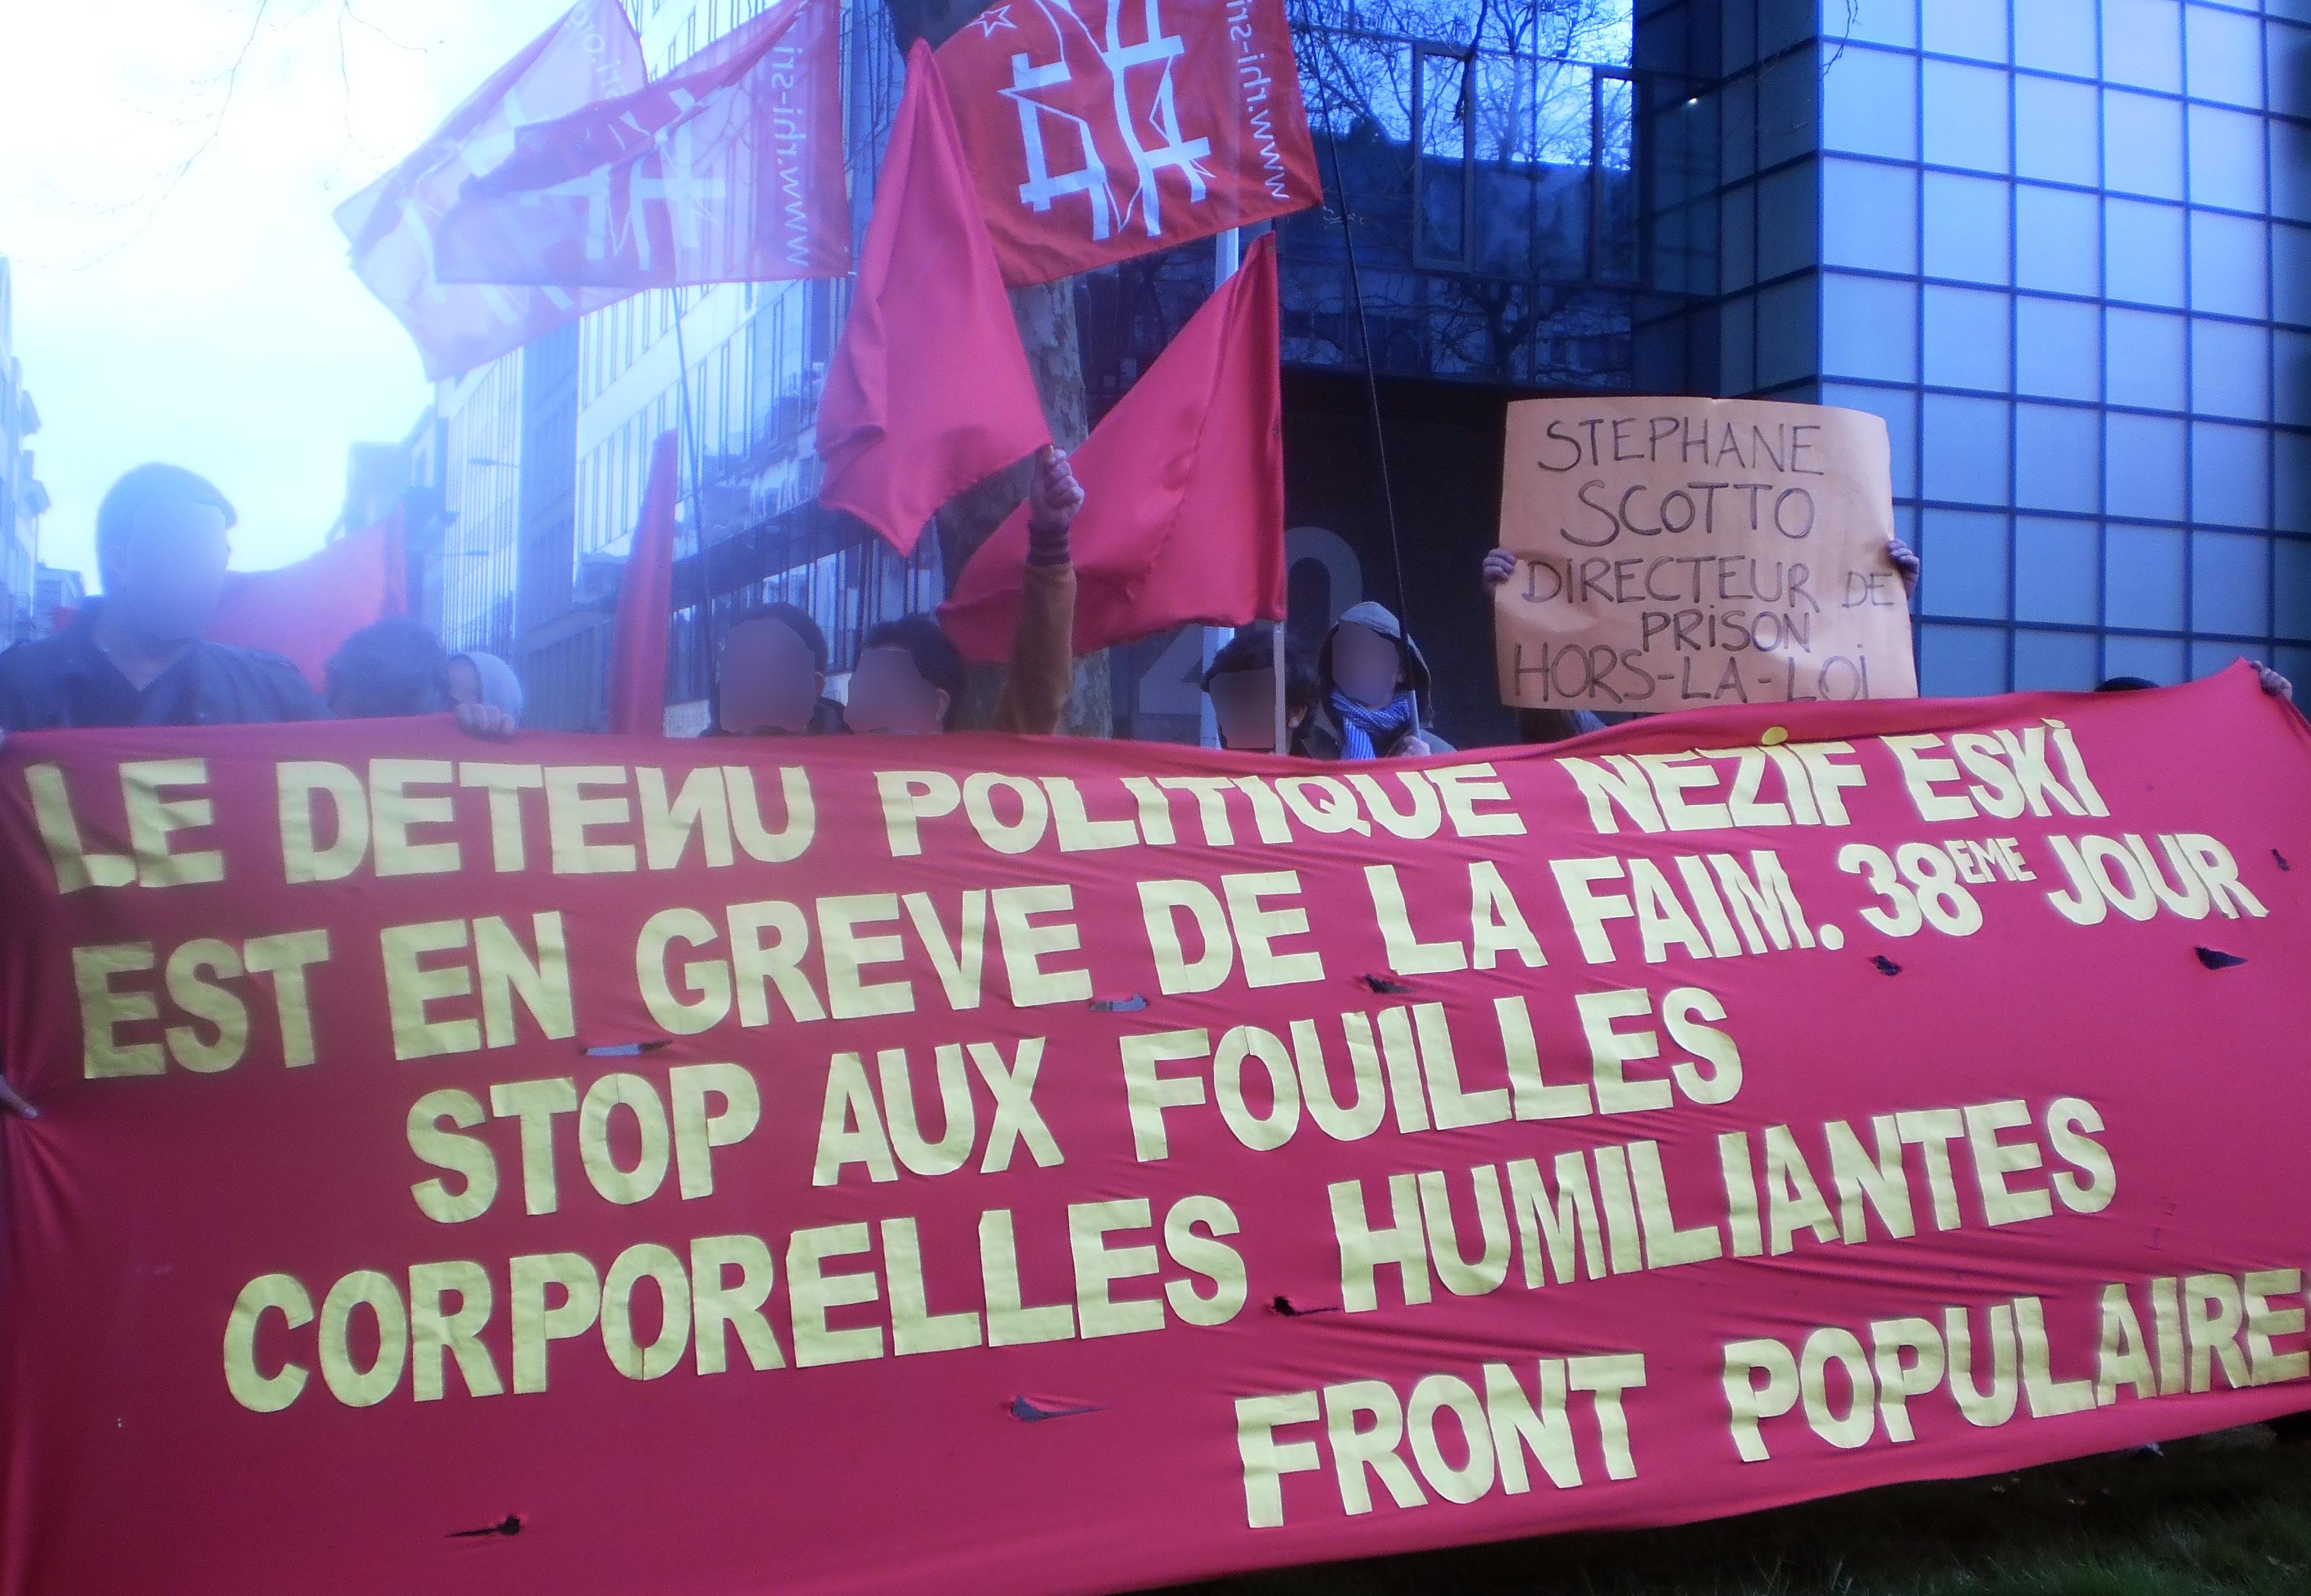 Rassemblement à Bruxelles en 2013 en soutien à Nezif Eski